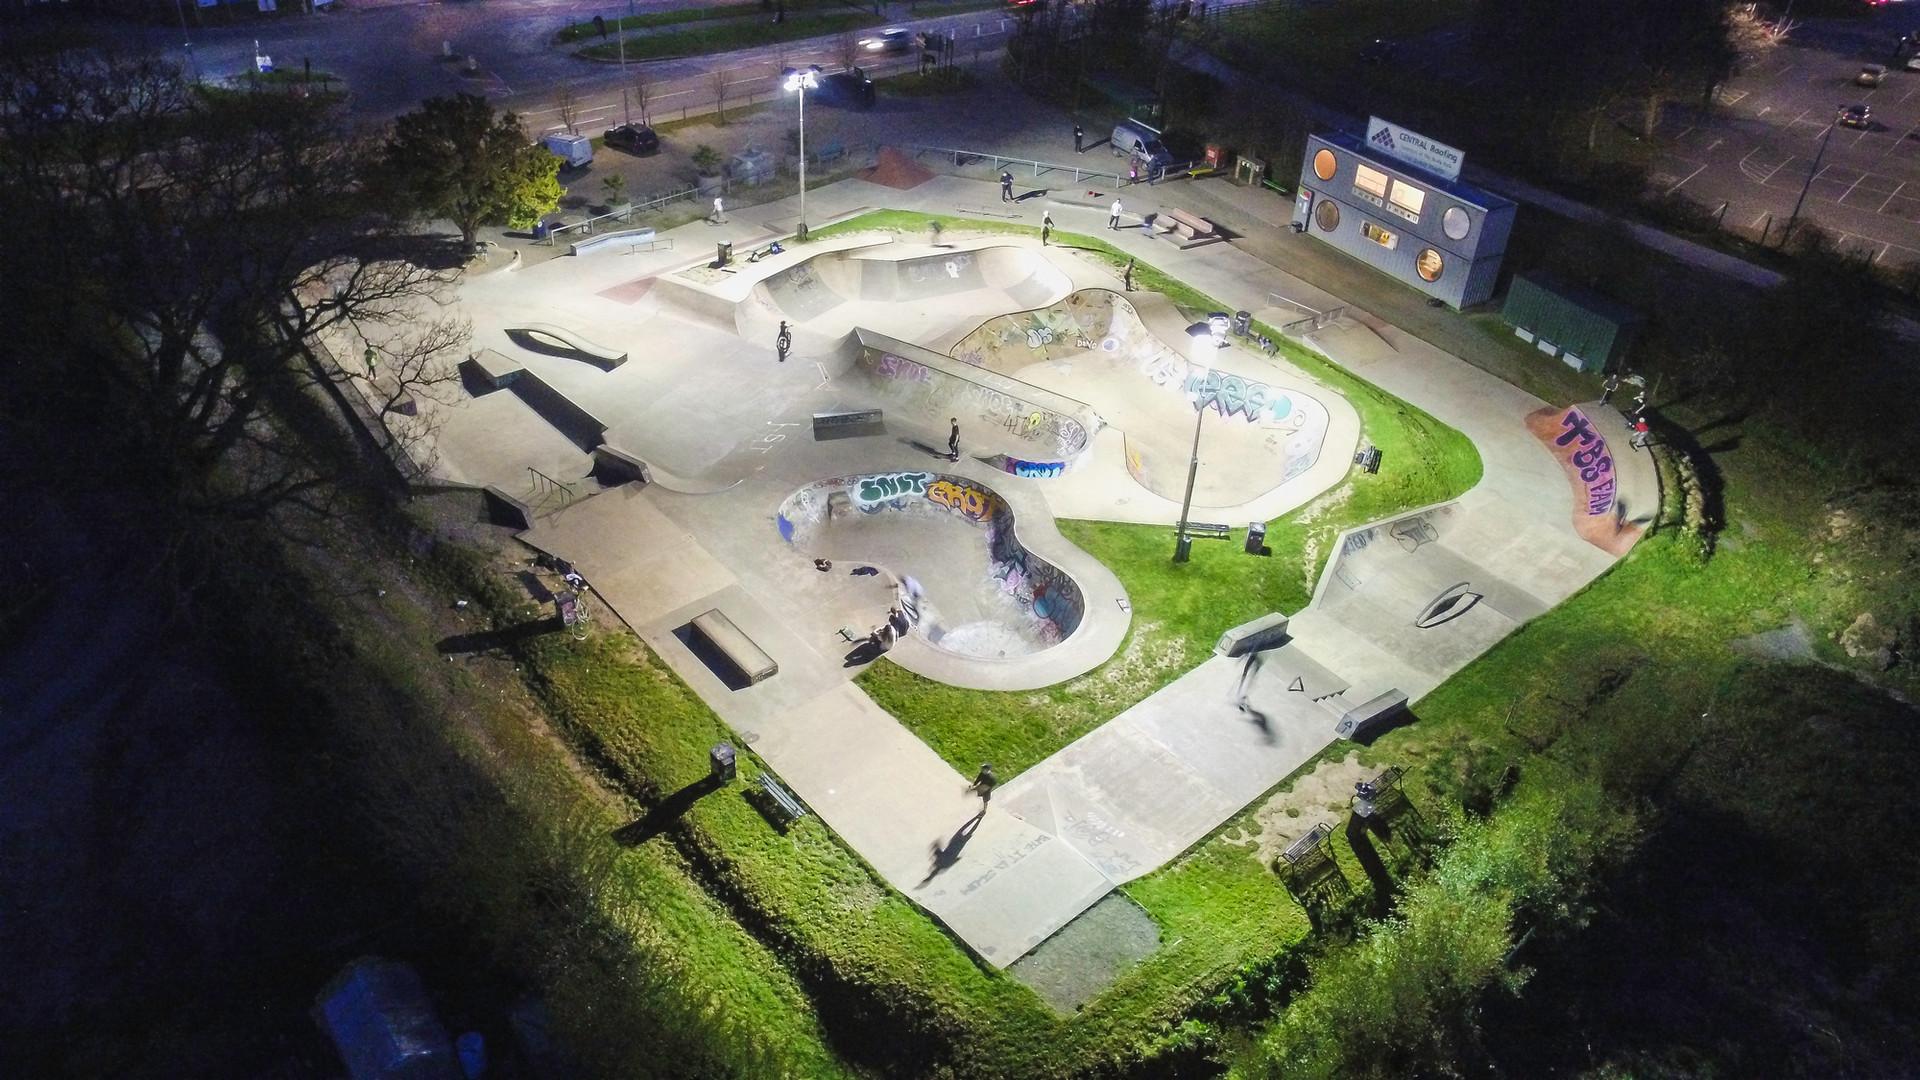 Hereford Skatepark Lighting